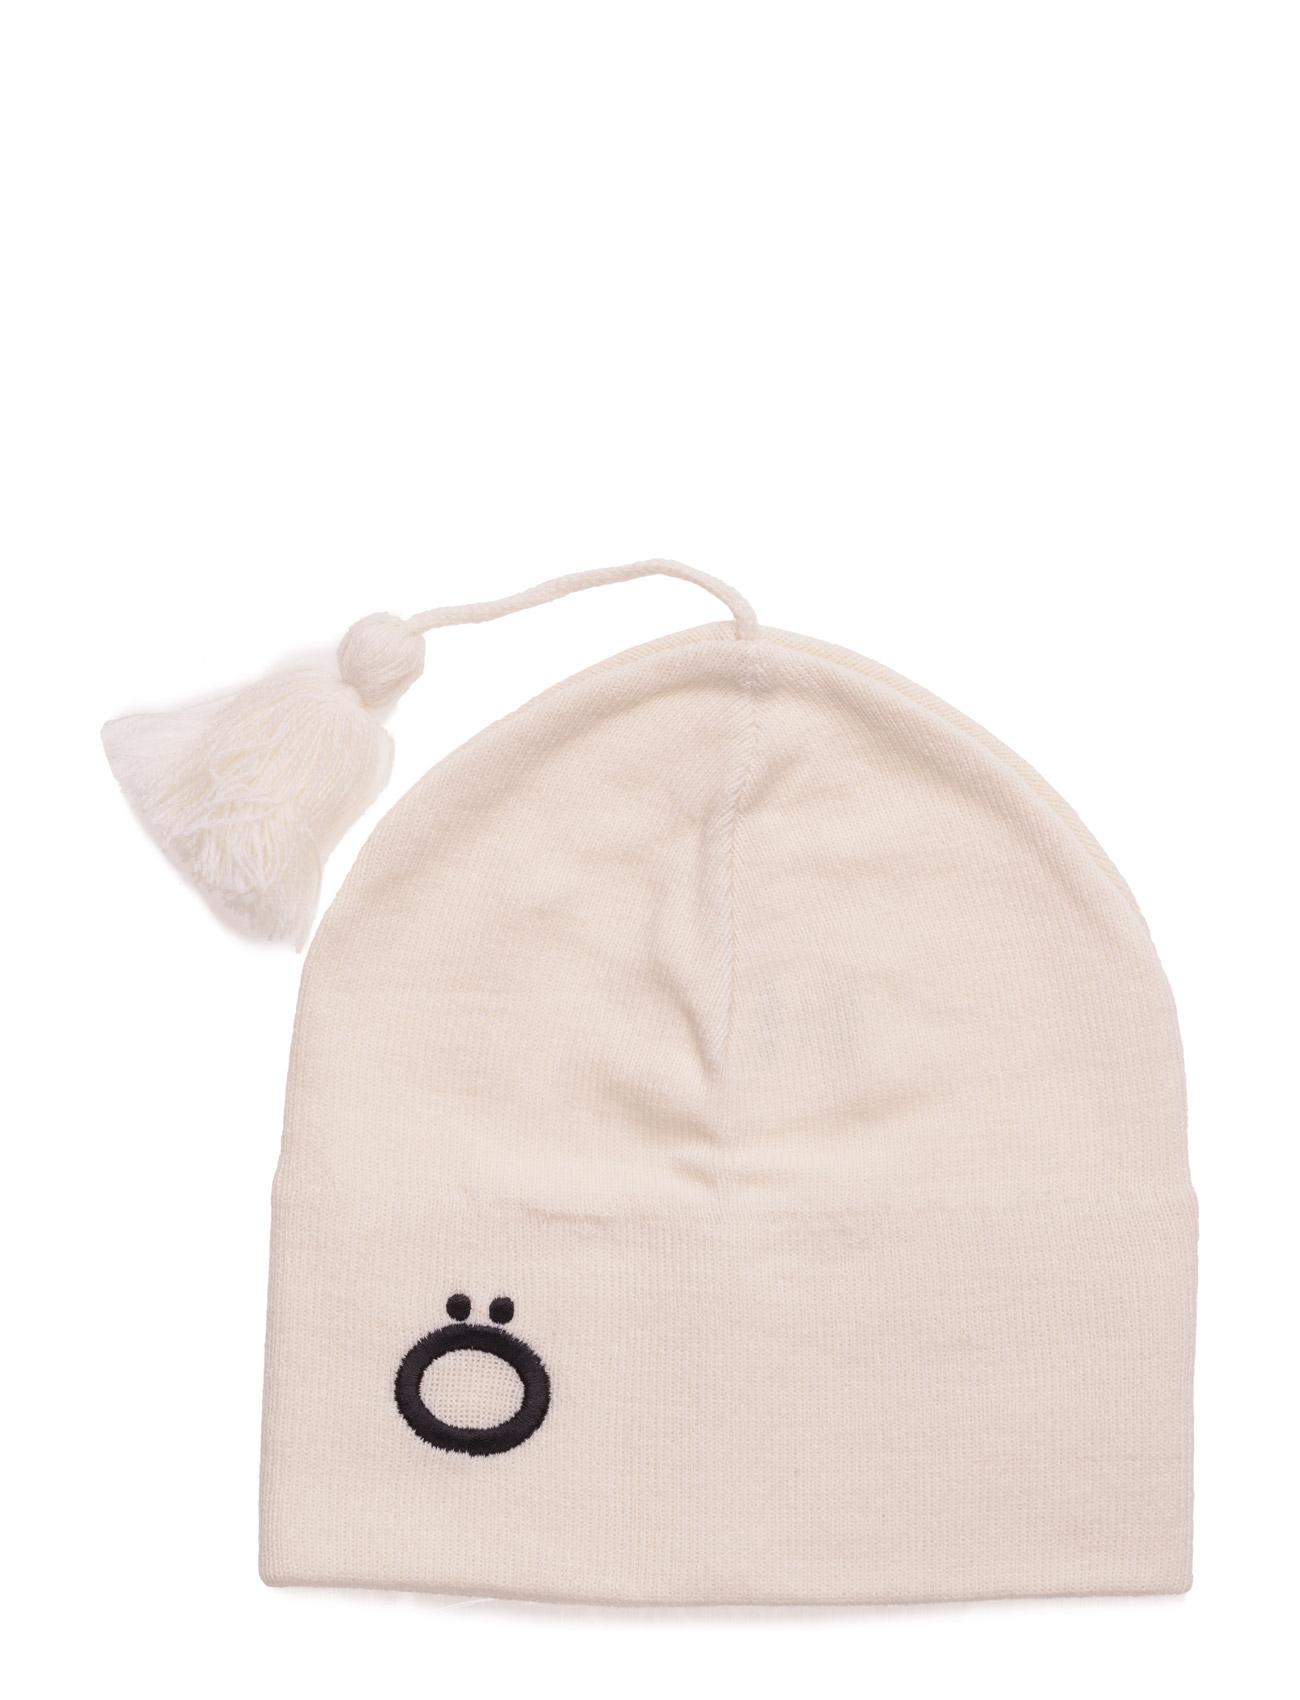 Bella Solid Hat Resteröds Hatte & Caps til Herrer i hvid